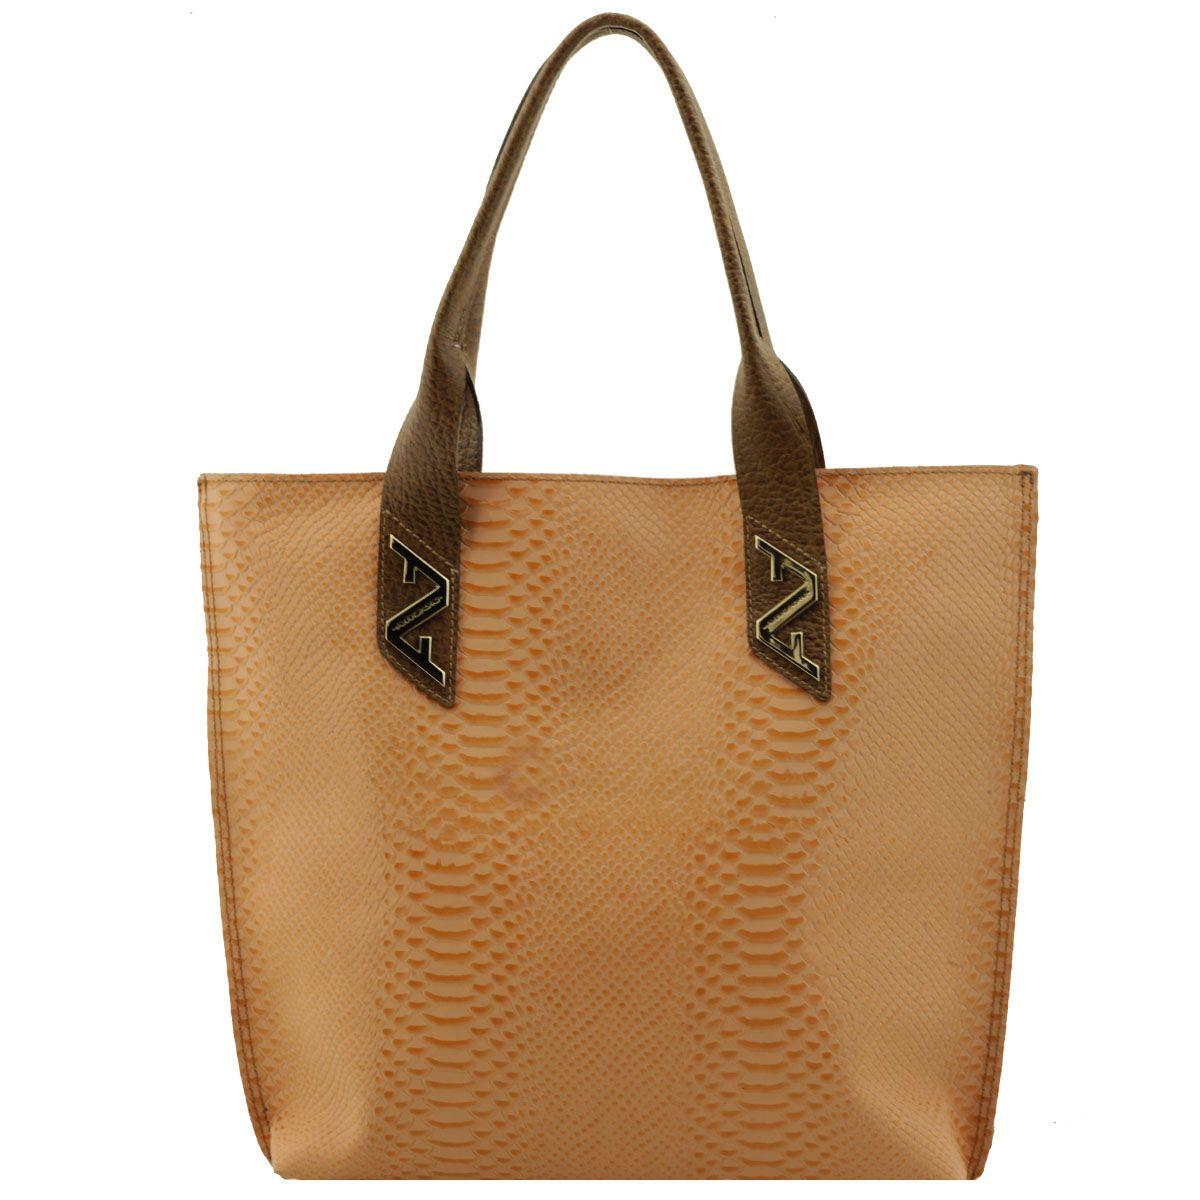 Bolsa De Couro Wow : Bolsa em couro sacola salm?o